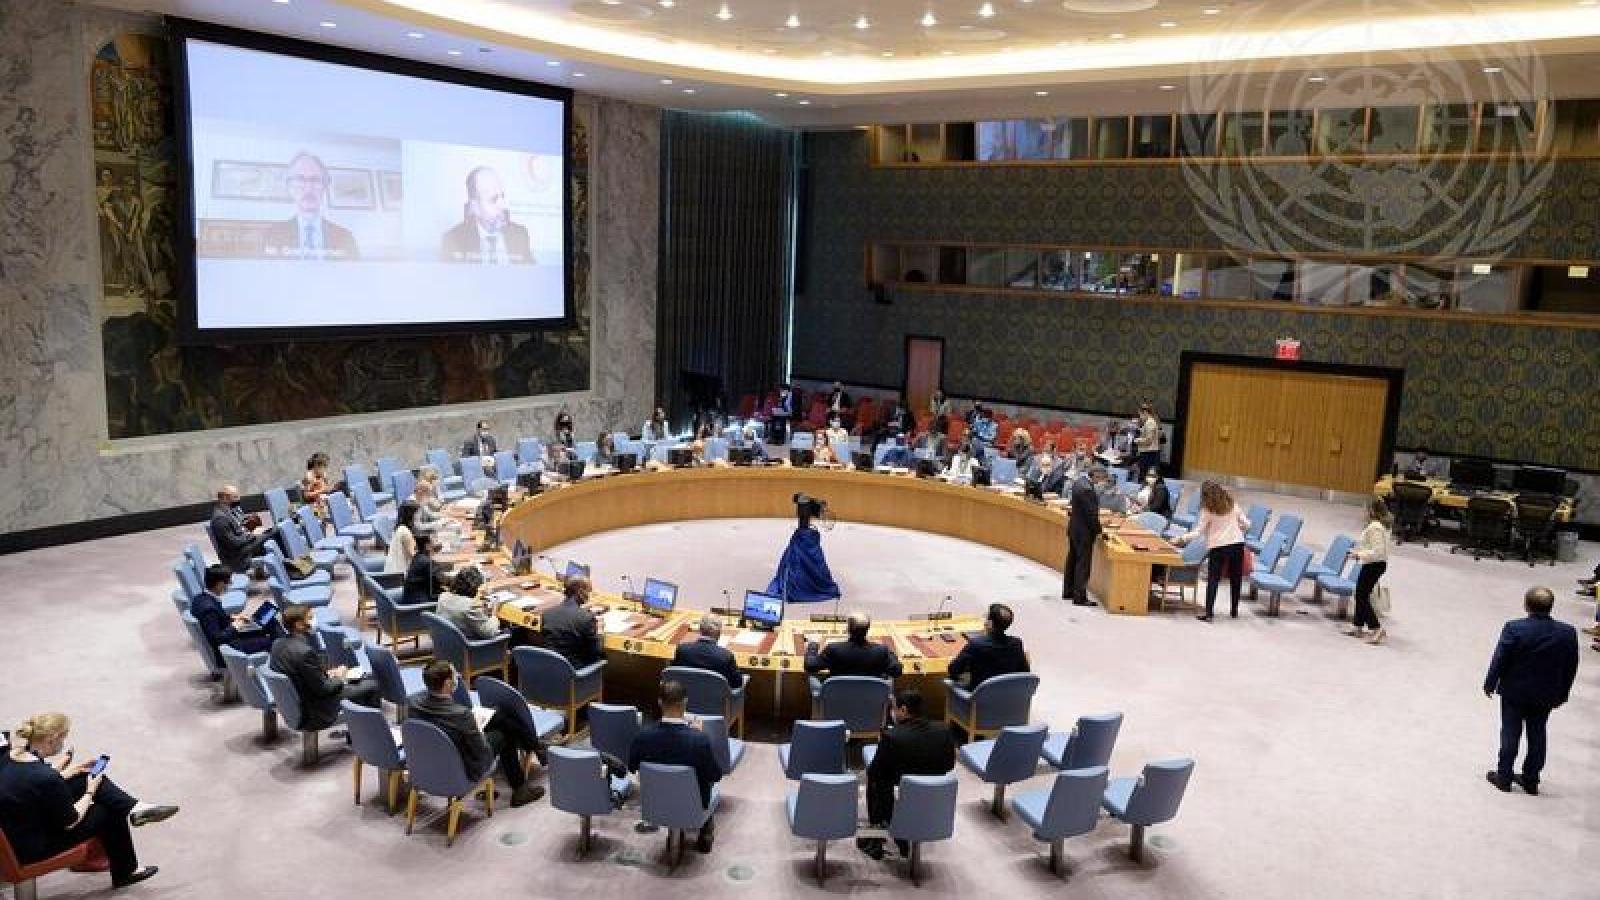 Hội đồng Bảo an thảo luận định kỳ về khủng hoảng tại Syria